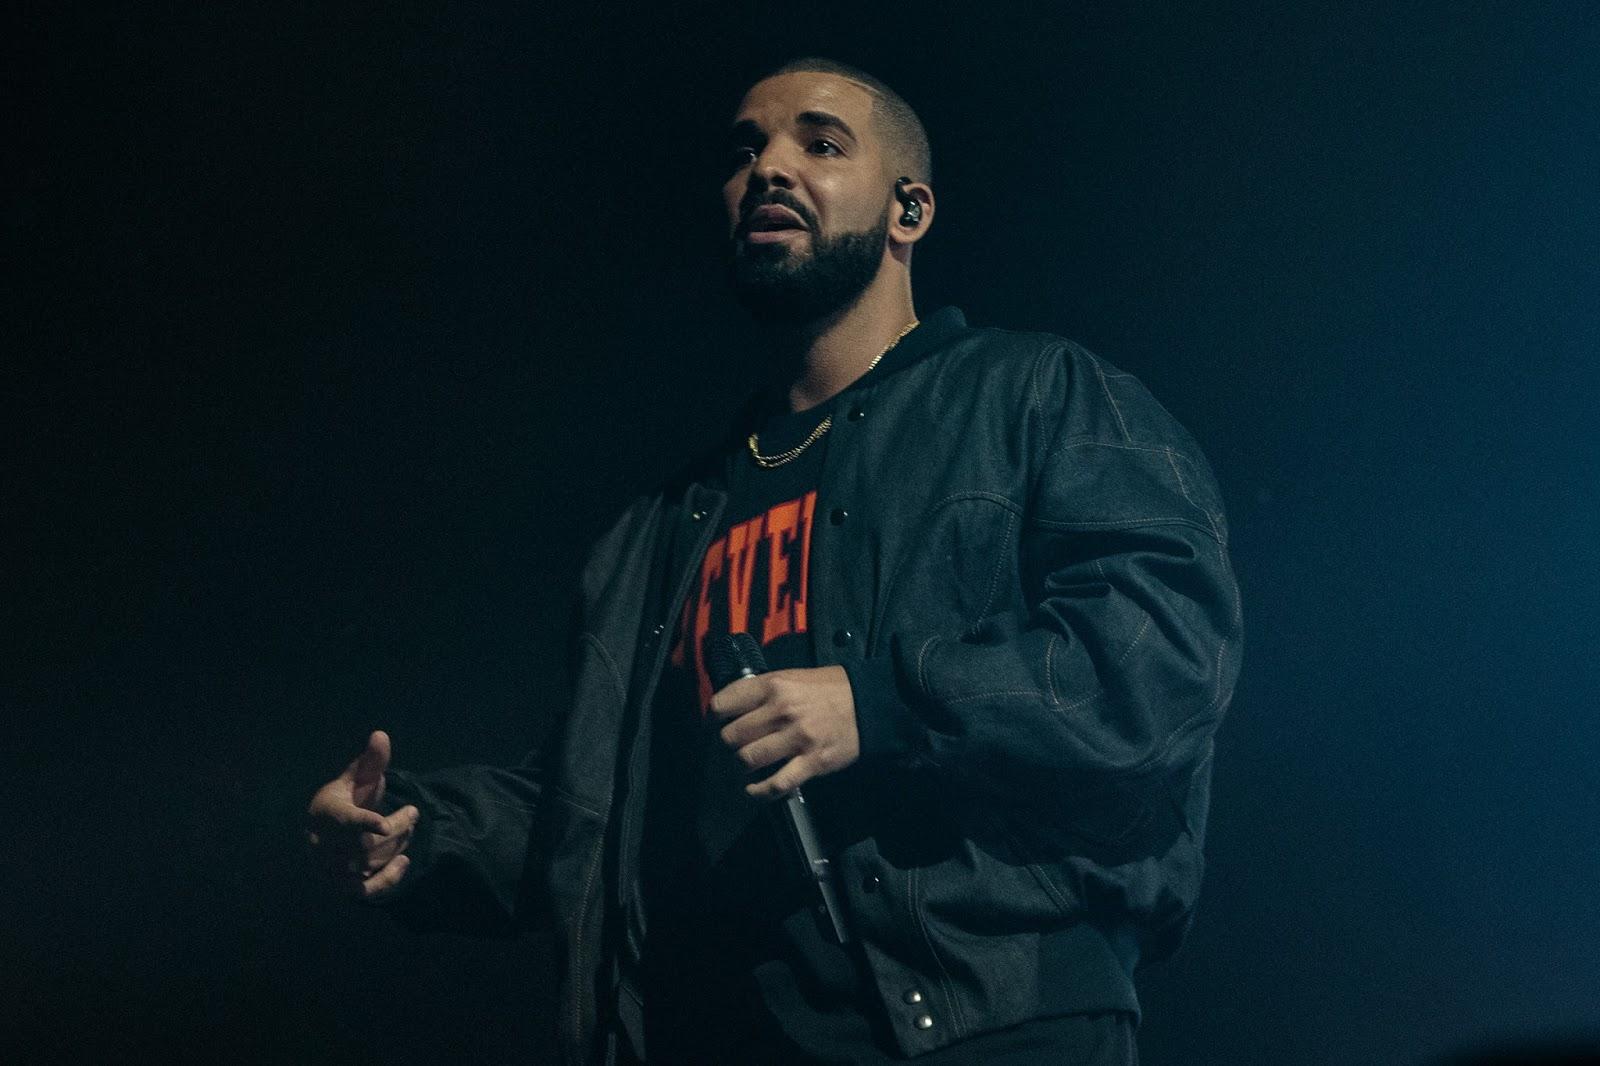 Drake habla sobre sus Grammy's: 'Ni siquiera los quiero'